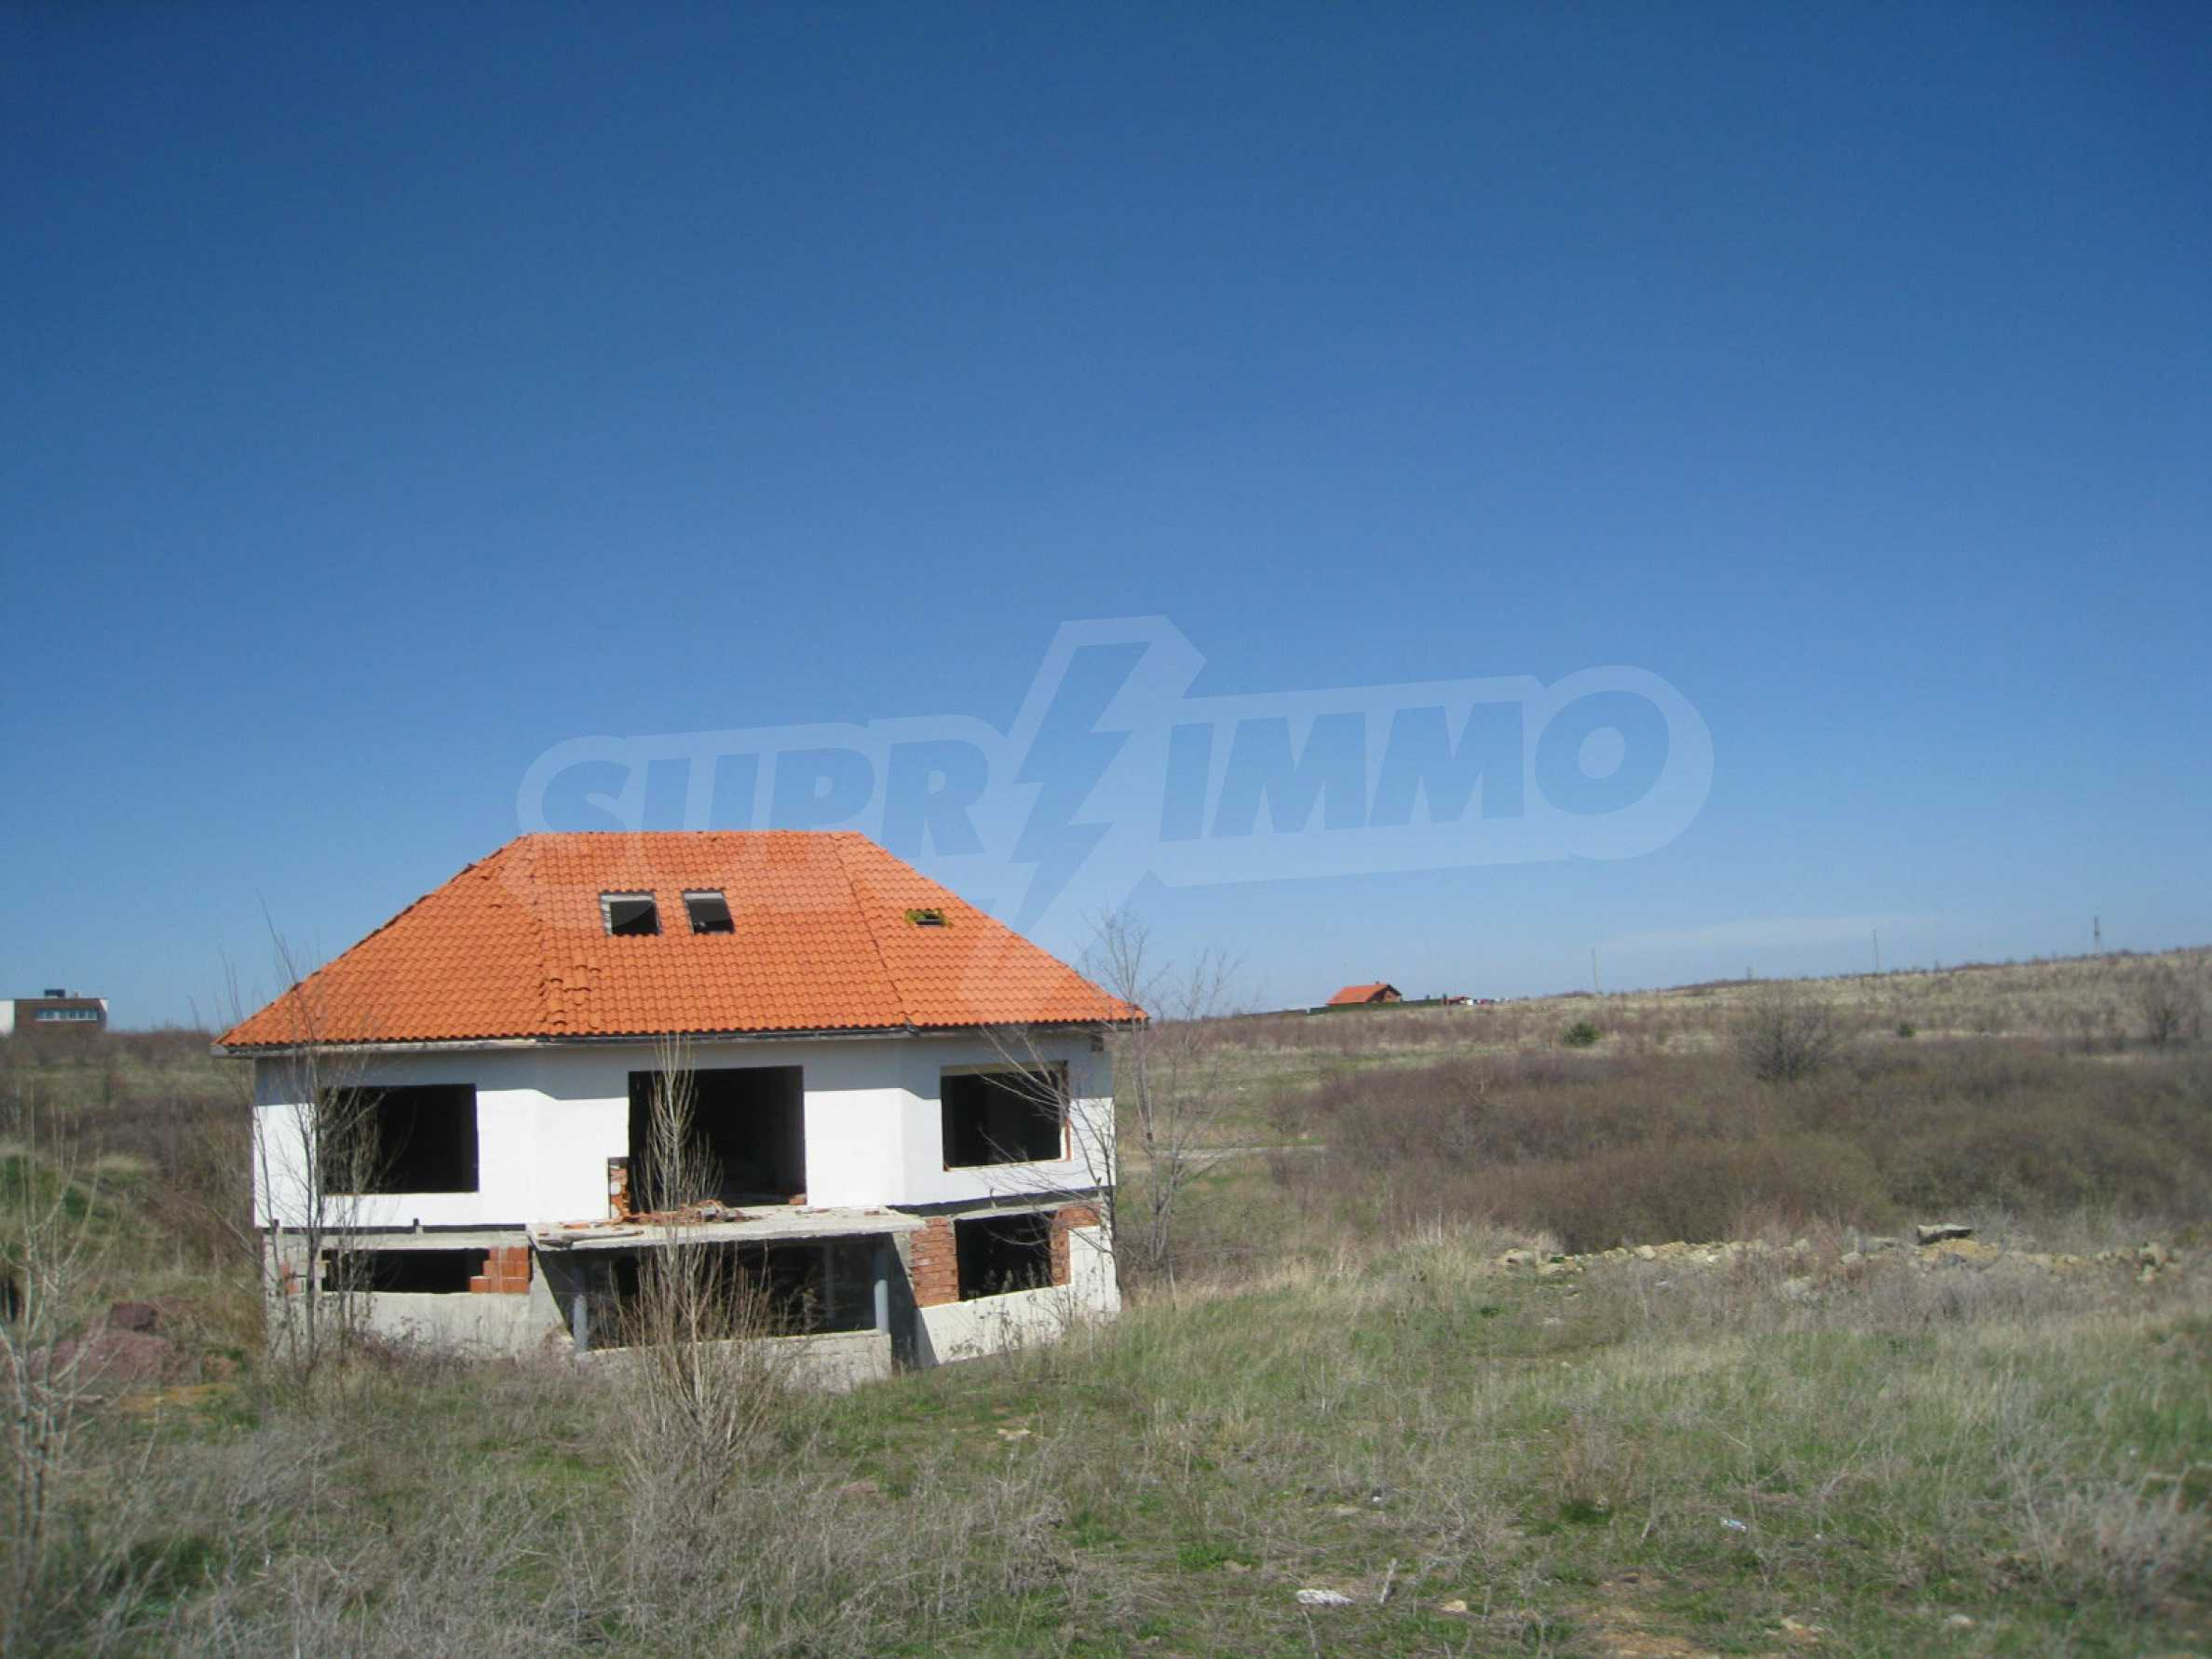 Großes Haus mit Hof 5 km von der Ringstraße in Sofia entfernt 27